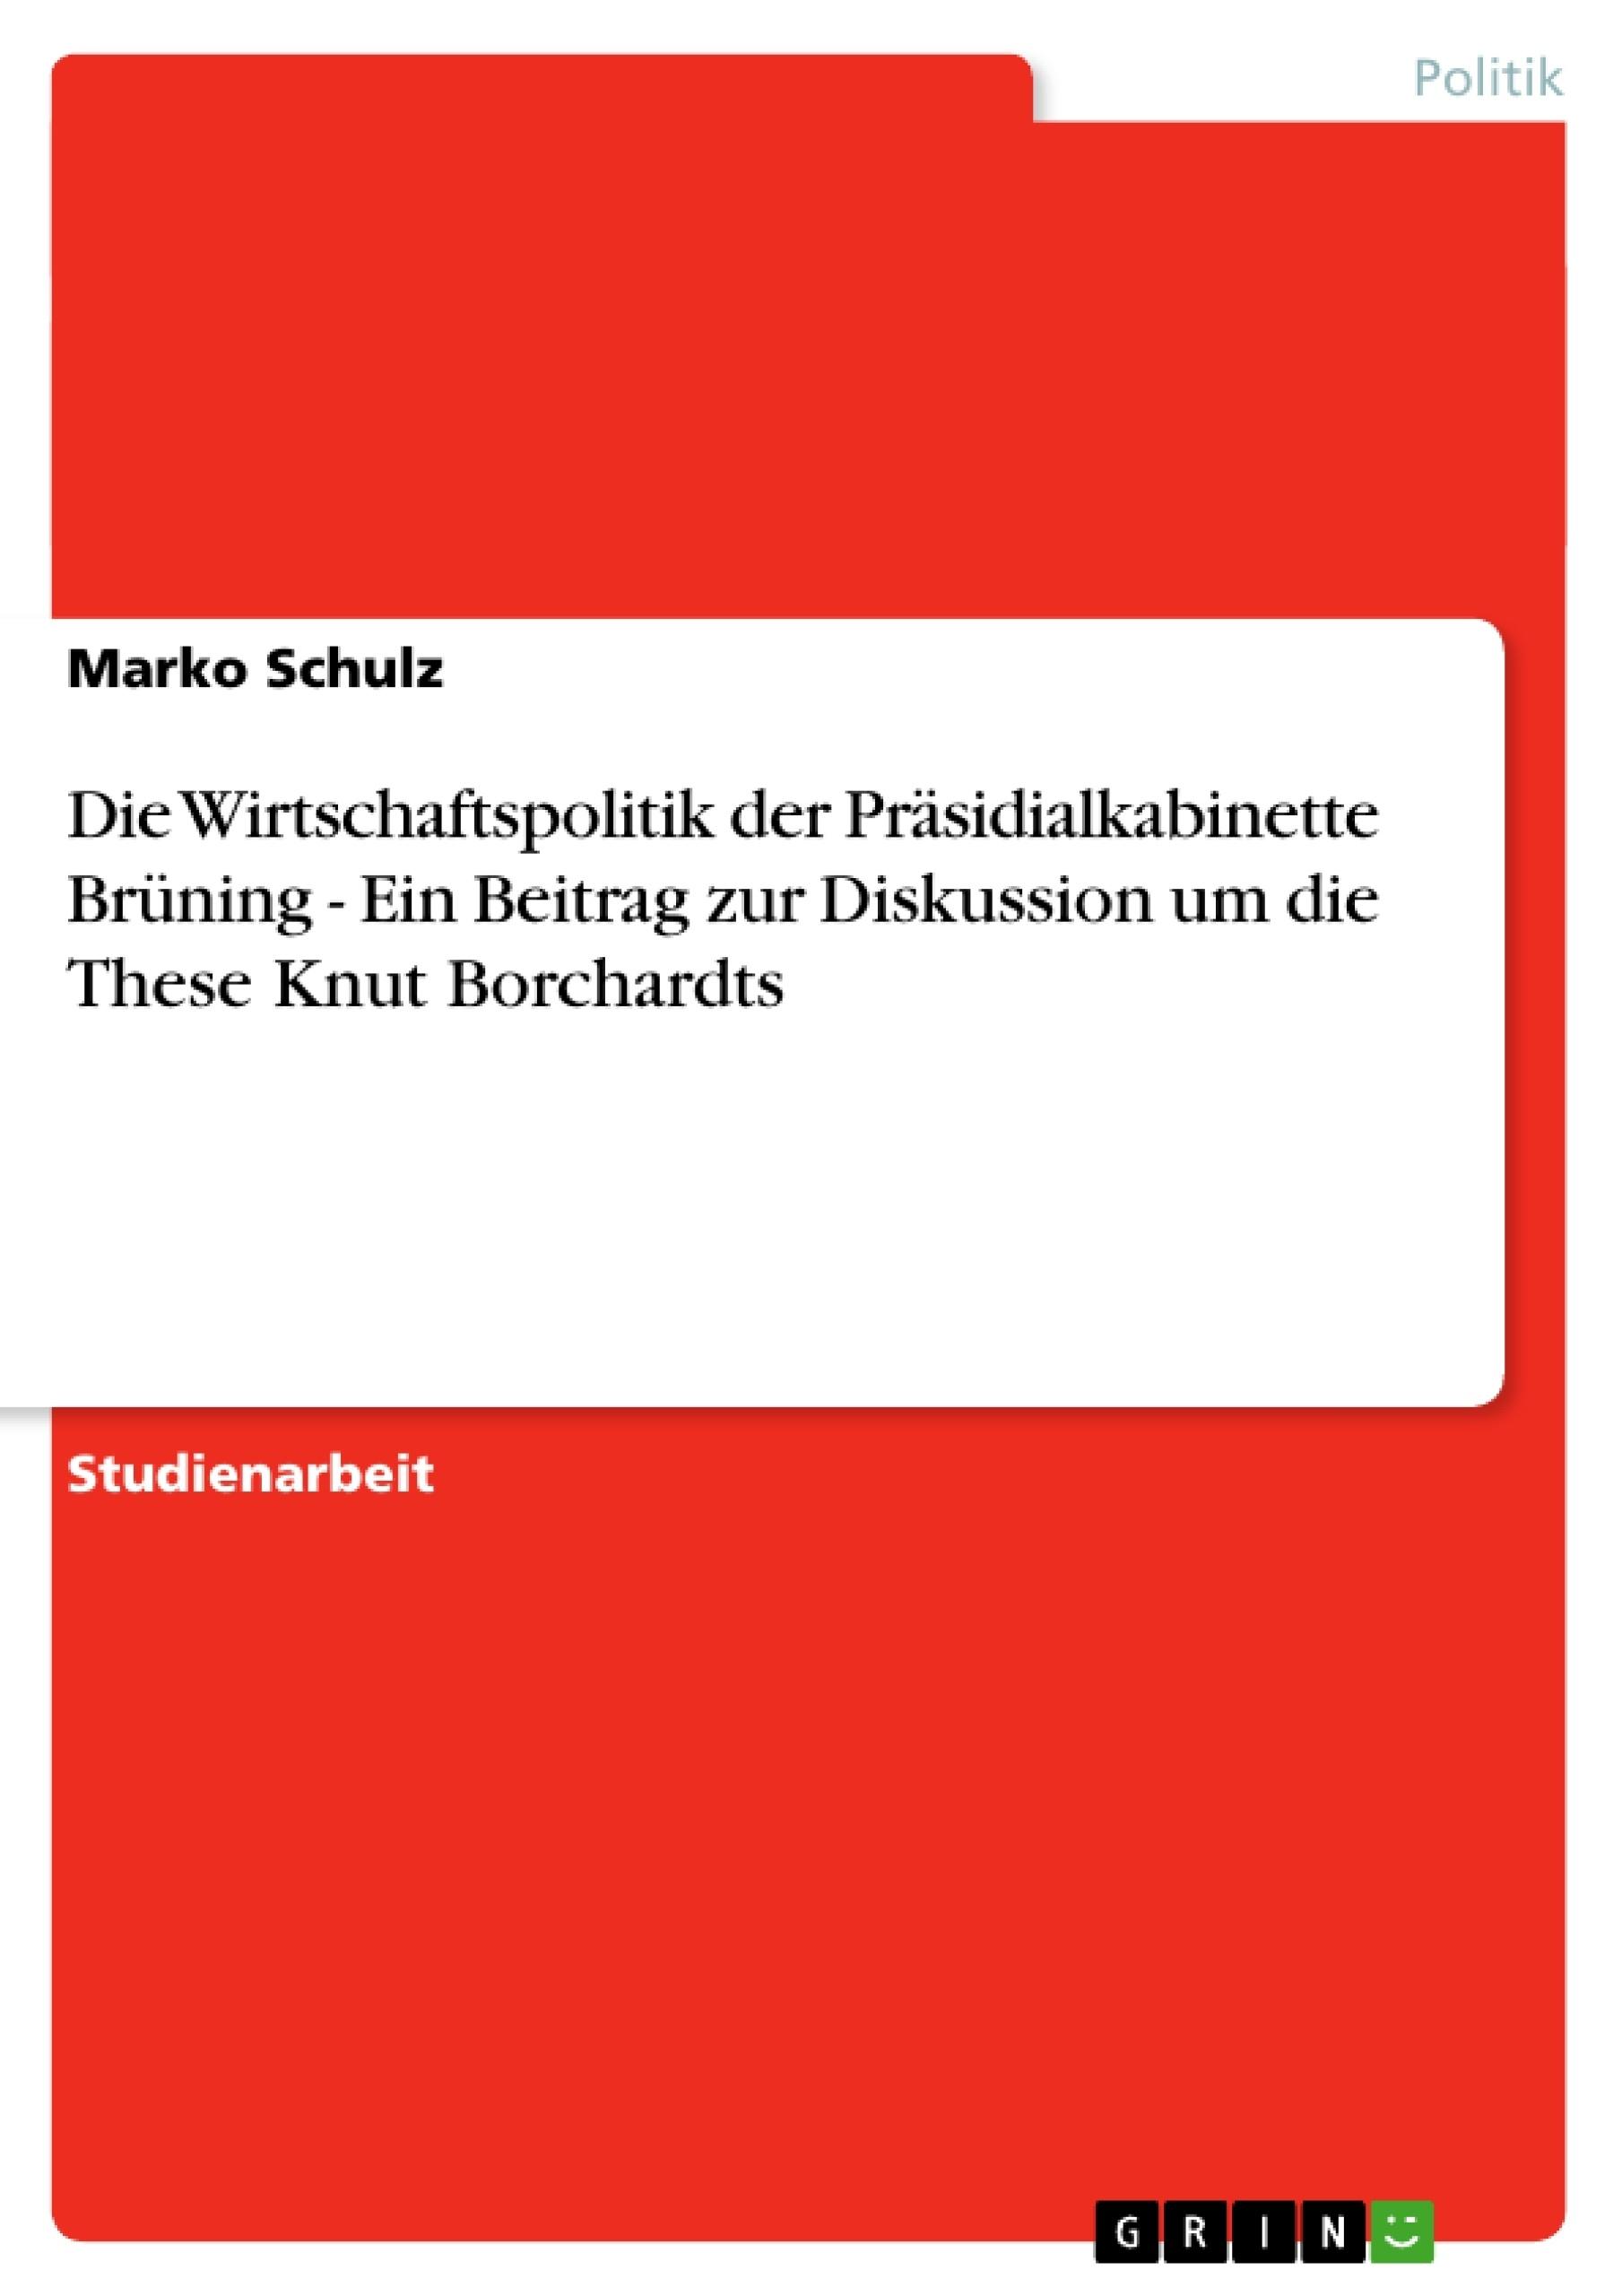 Titel: Die Wirtschaftspolitik der Präsidialkabinette Brüning - Ein Beitrag zur Diskussion um die These Knut Borchardts